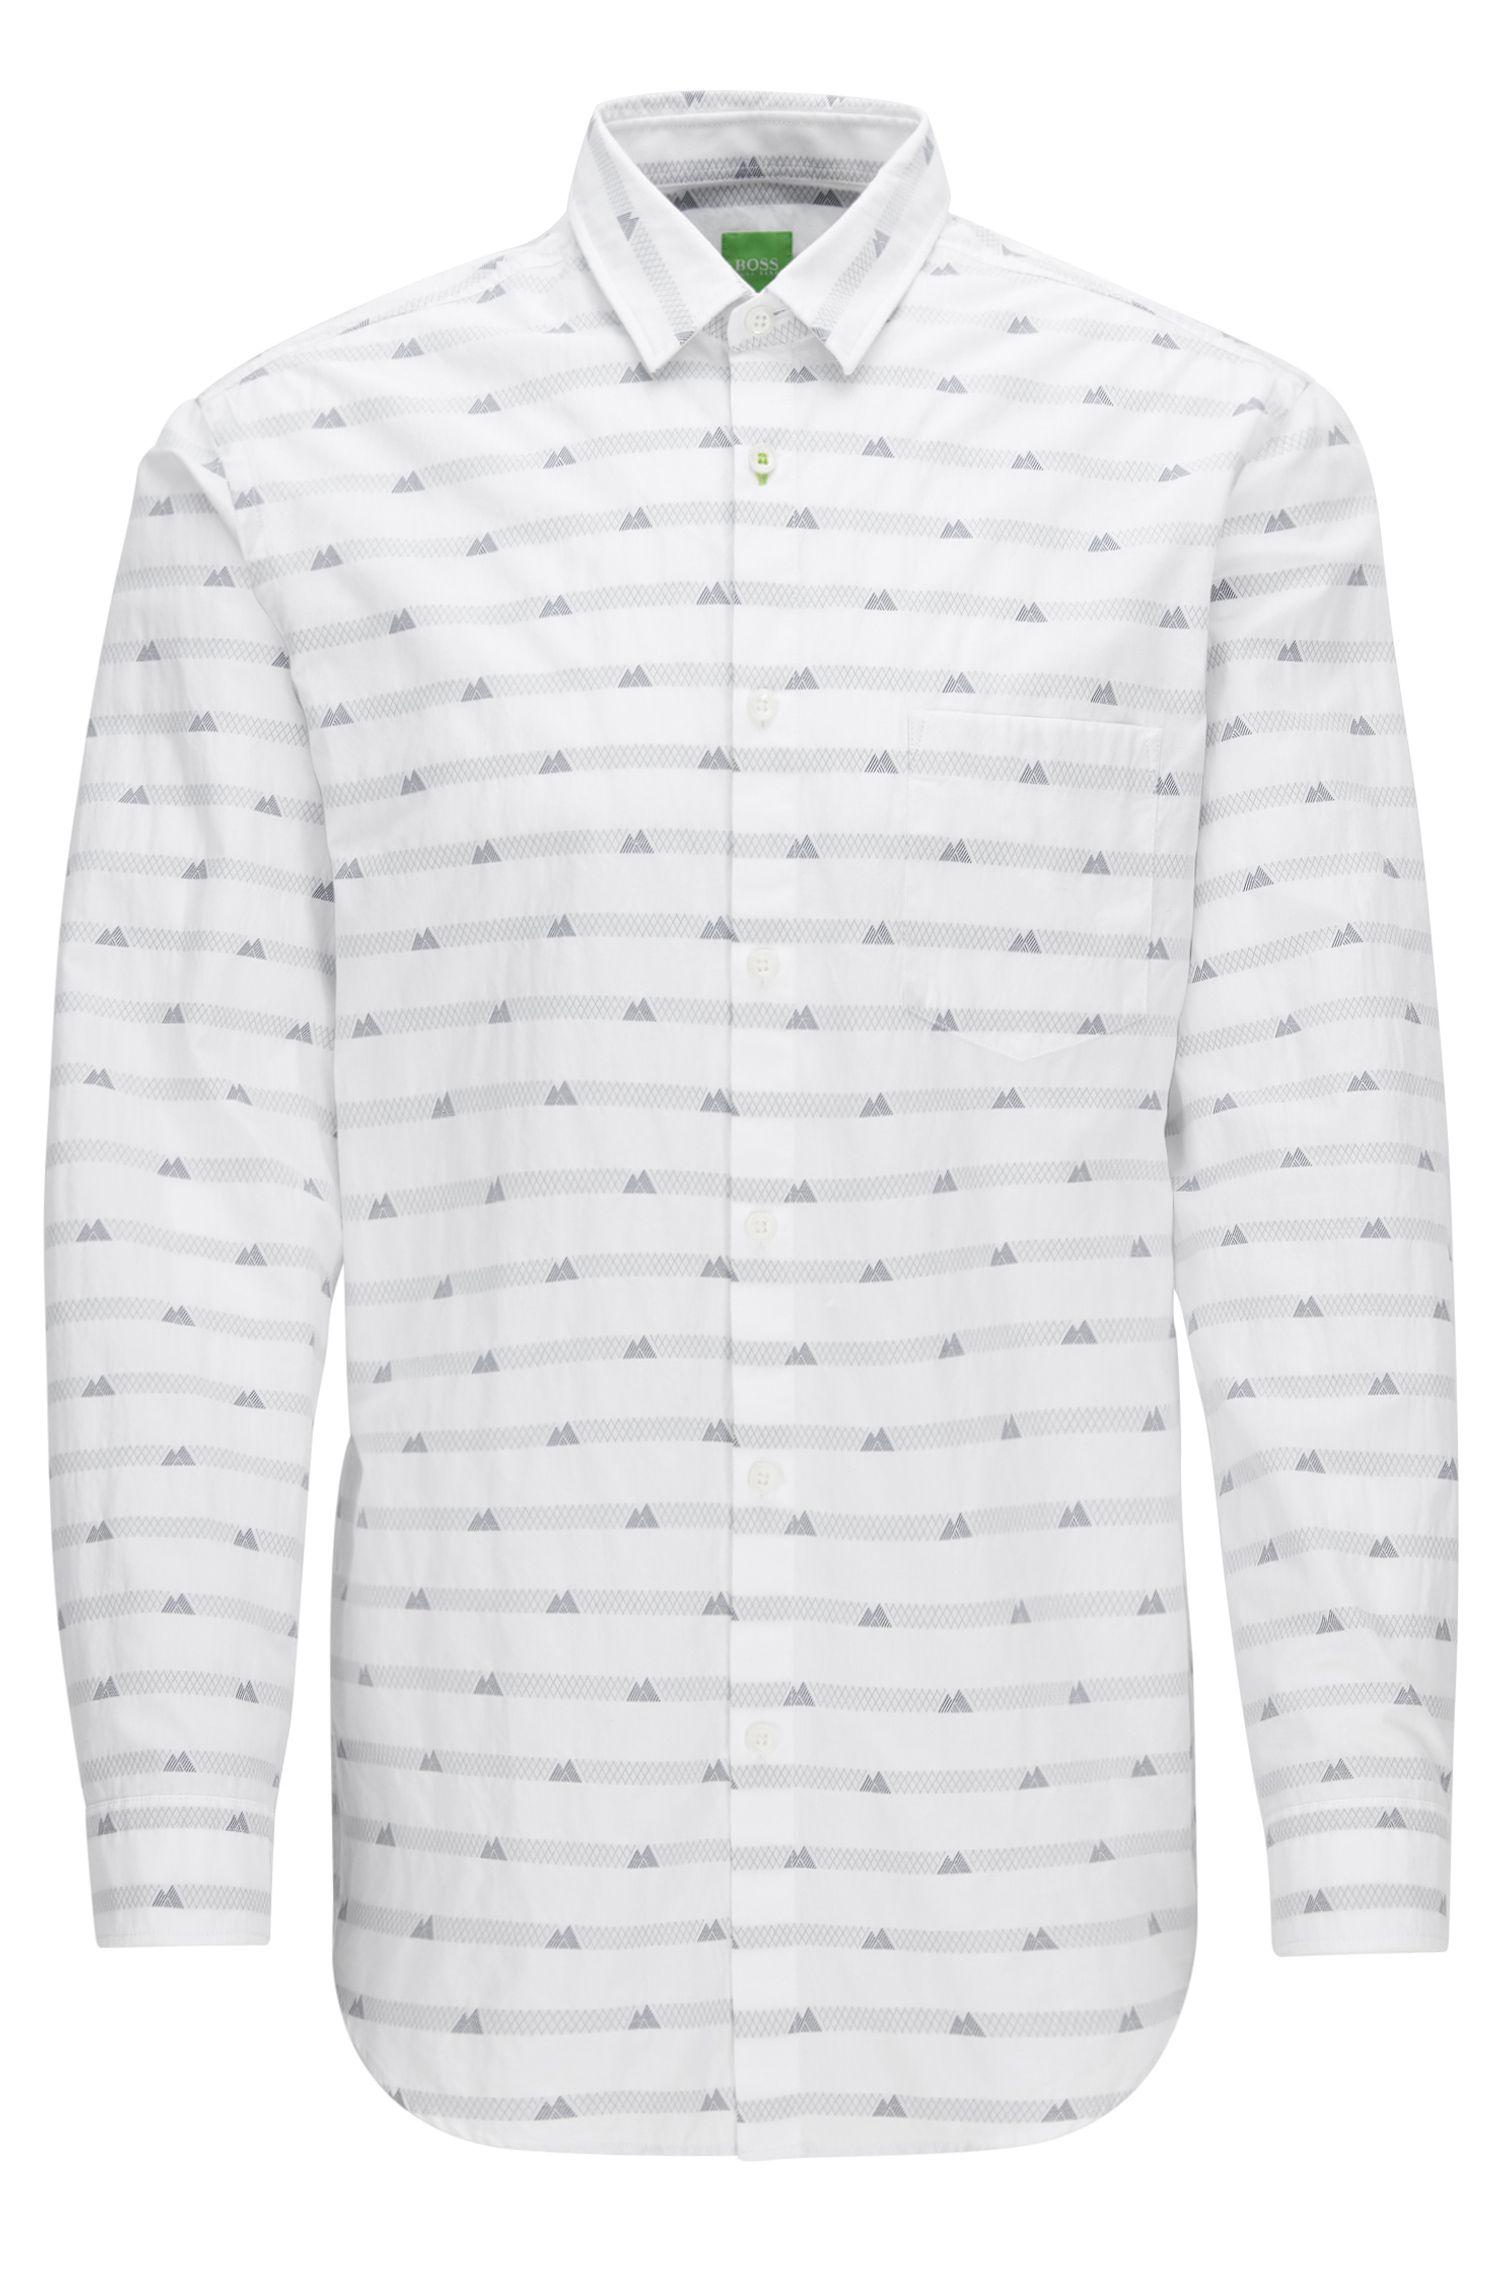 'Baul' | Regular Fit, Mountain-Print Cotton Button Down Shirt